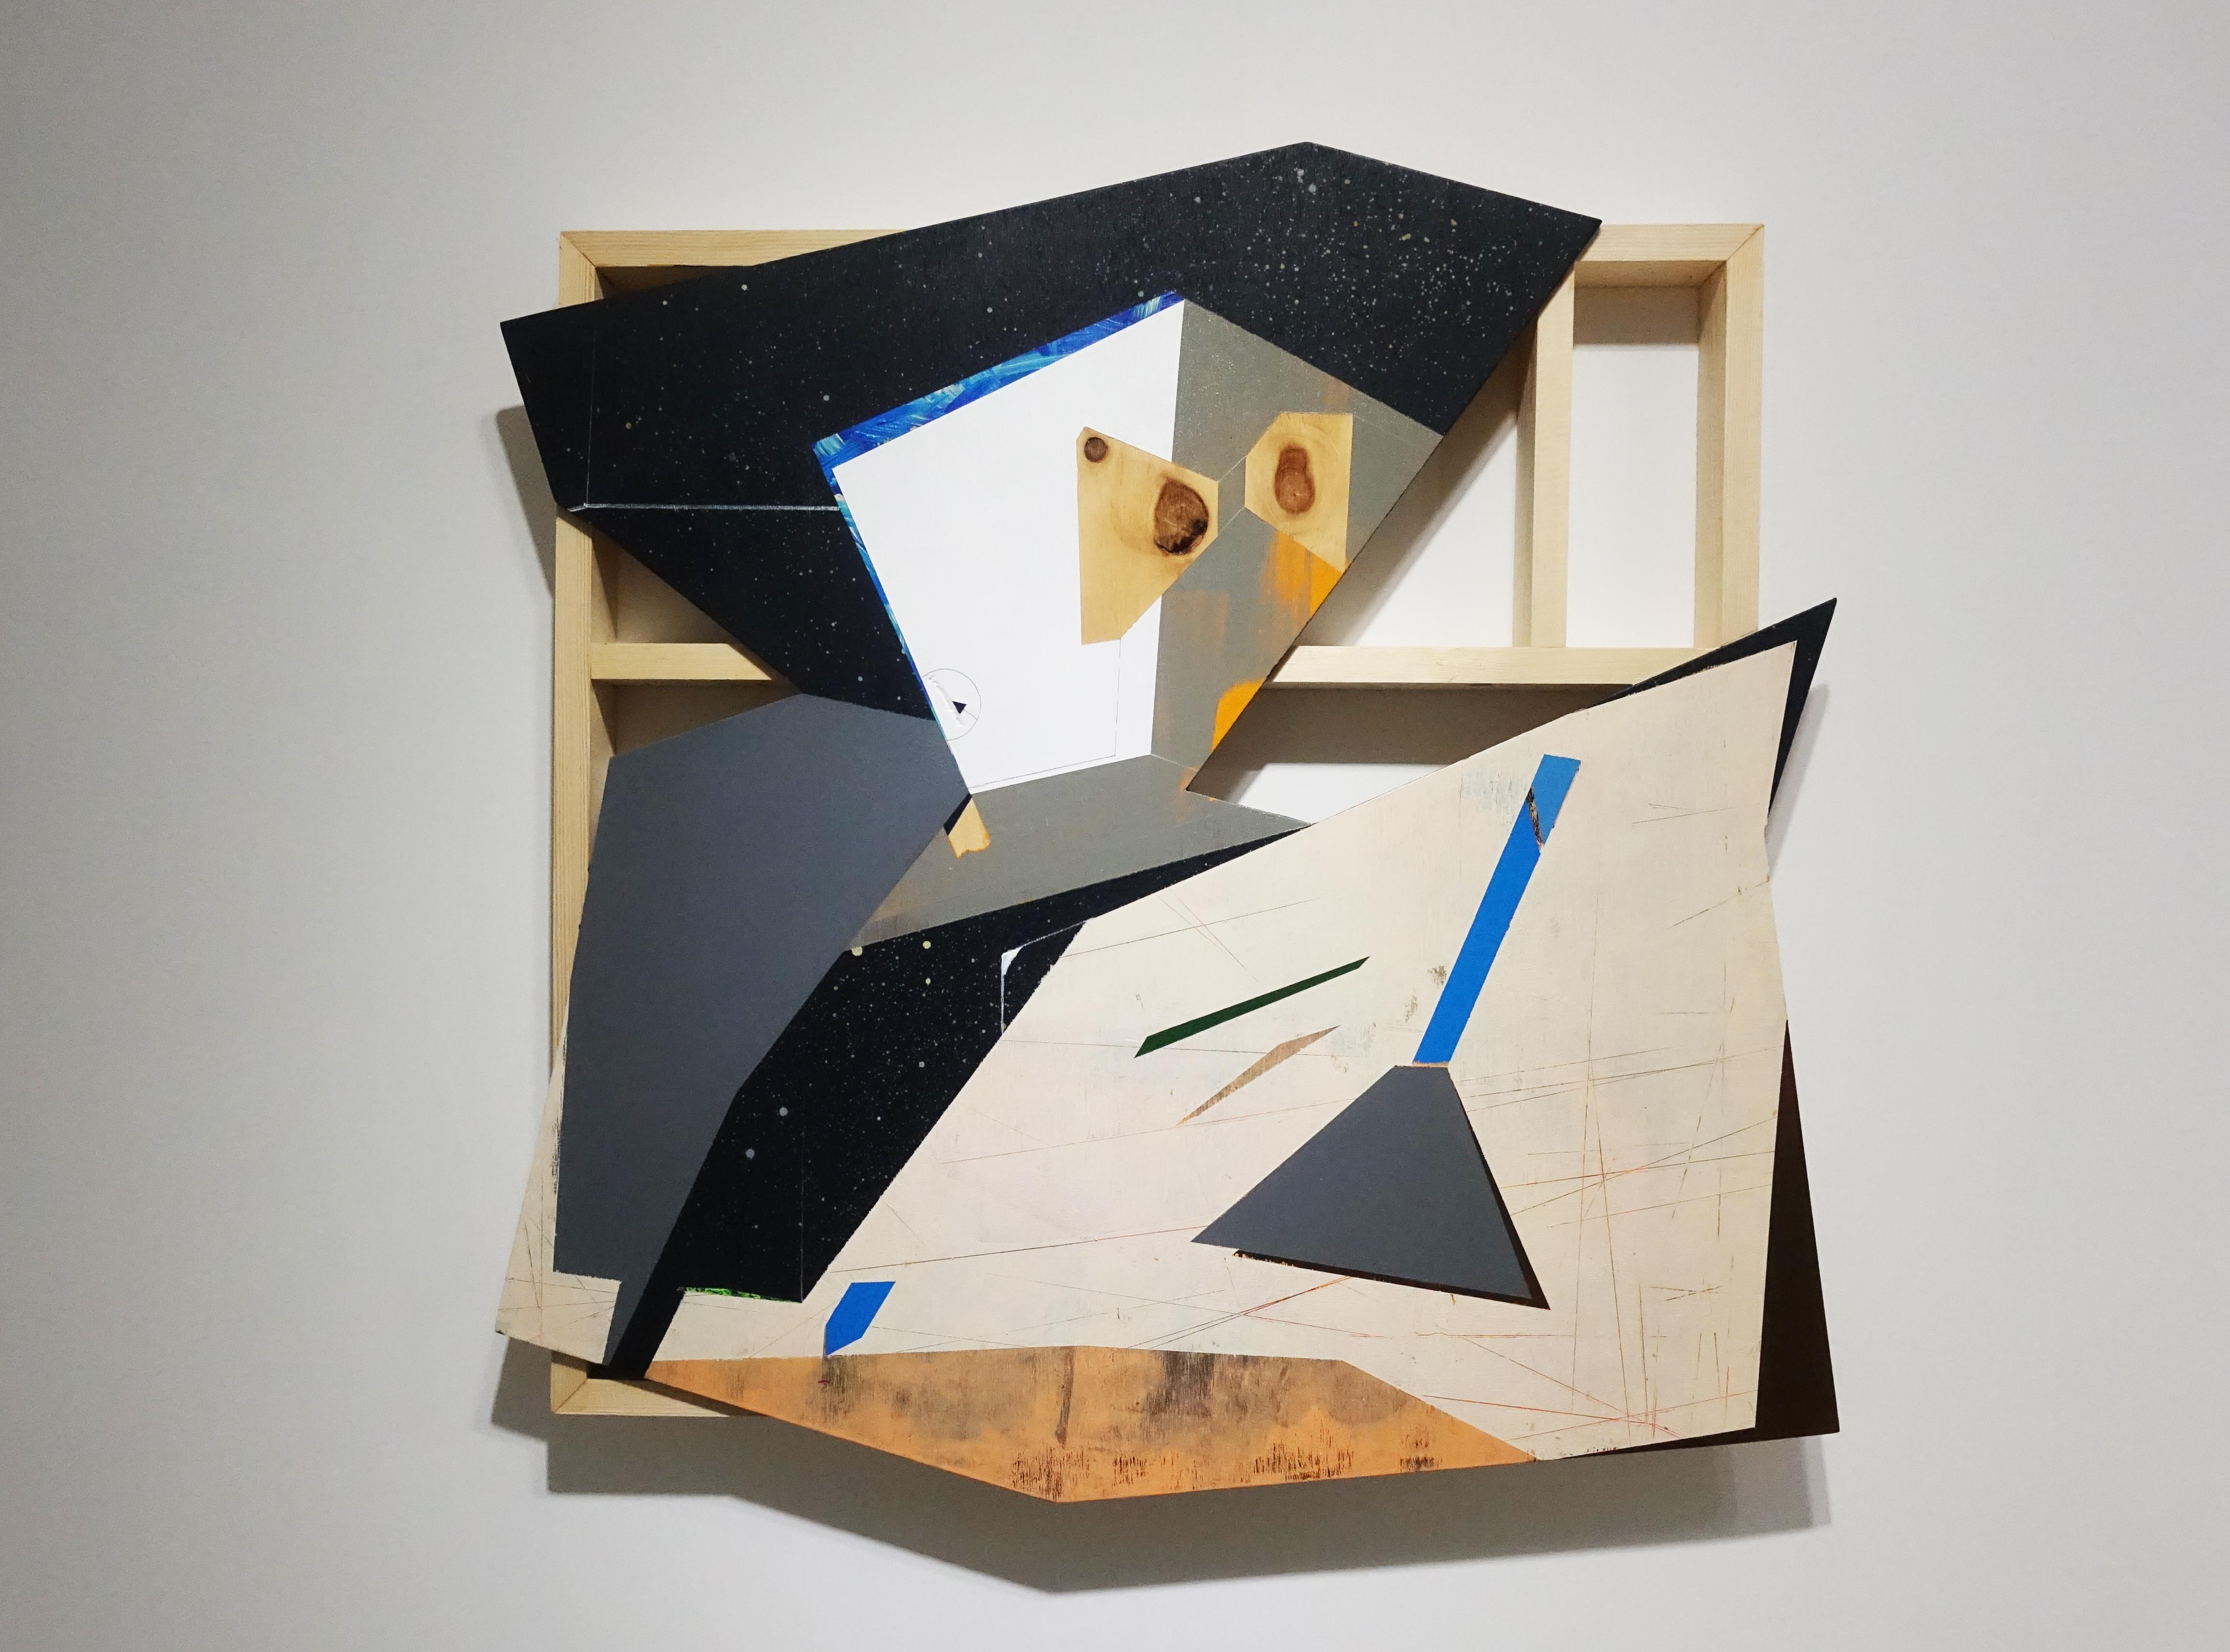 張獻文,《層敘・砌3》,60x60x5 cm,木板、丙烯酸顏料、炭精筆、鉛筆,2019。